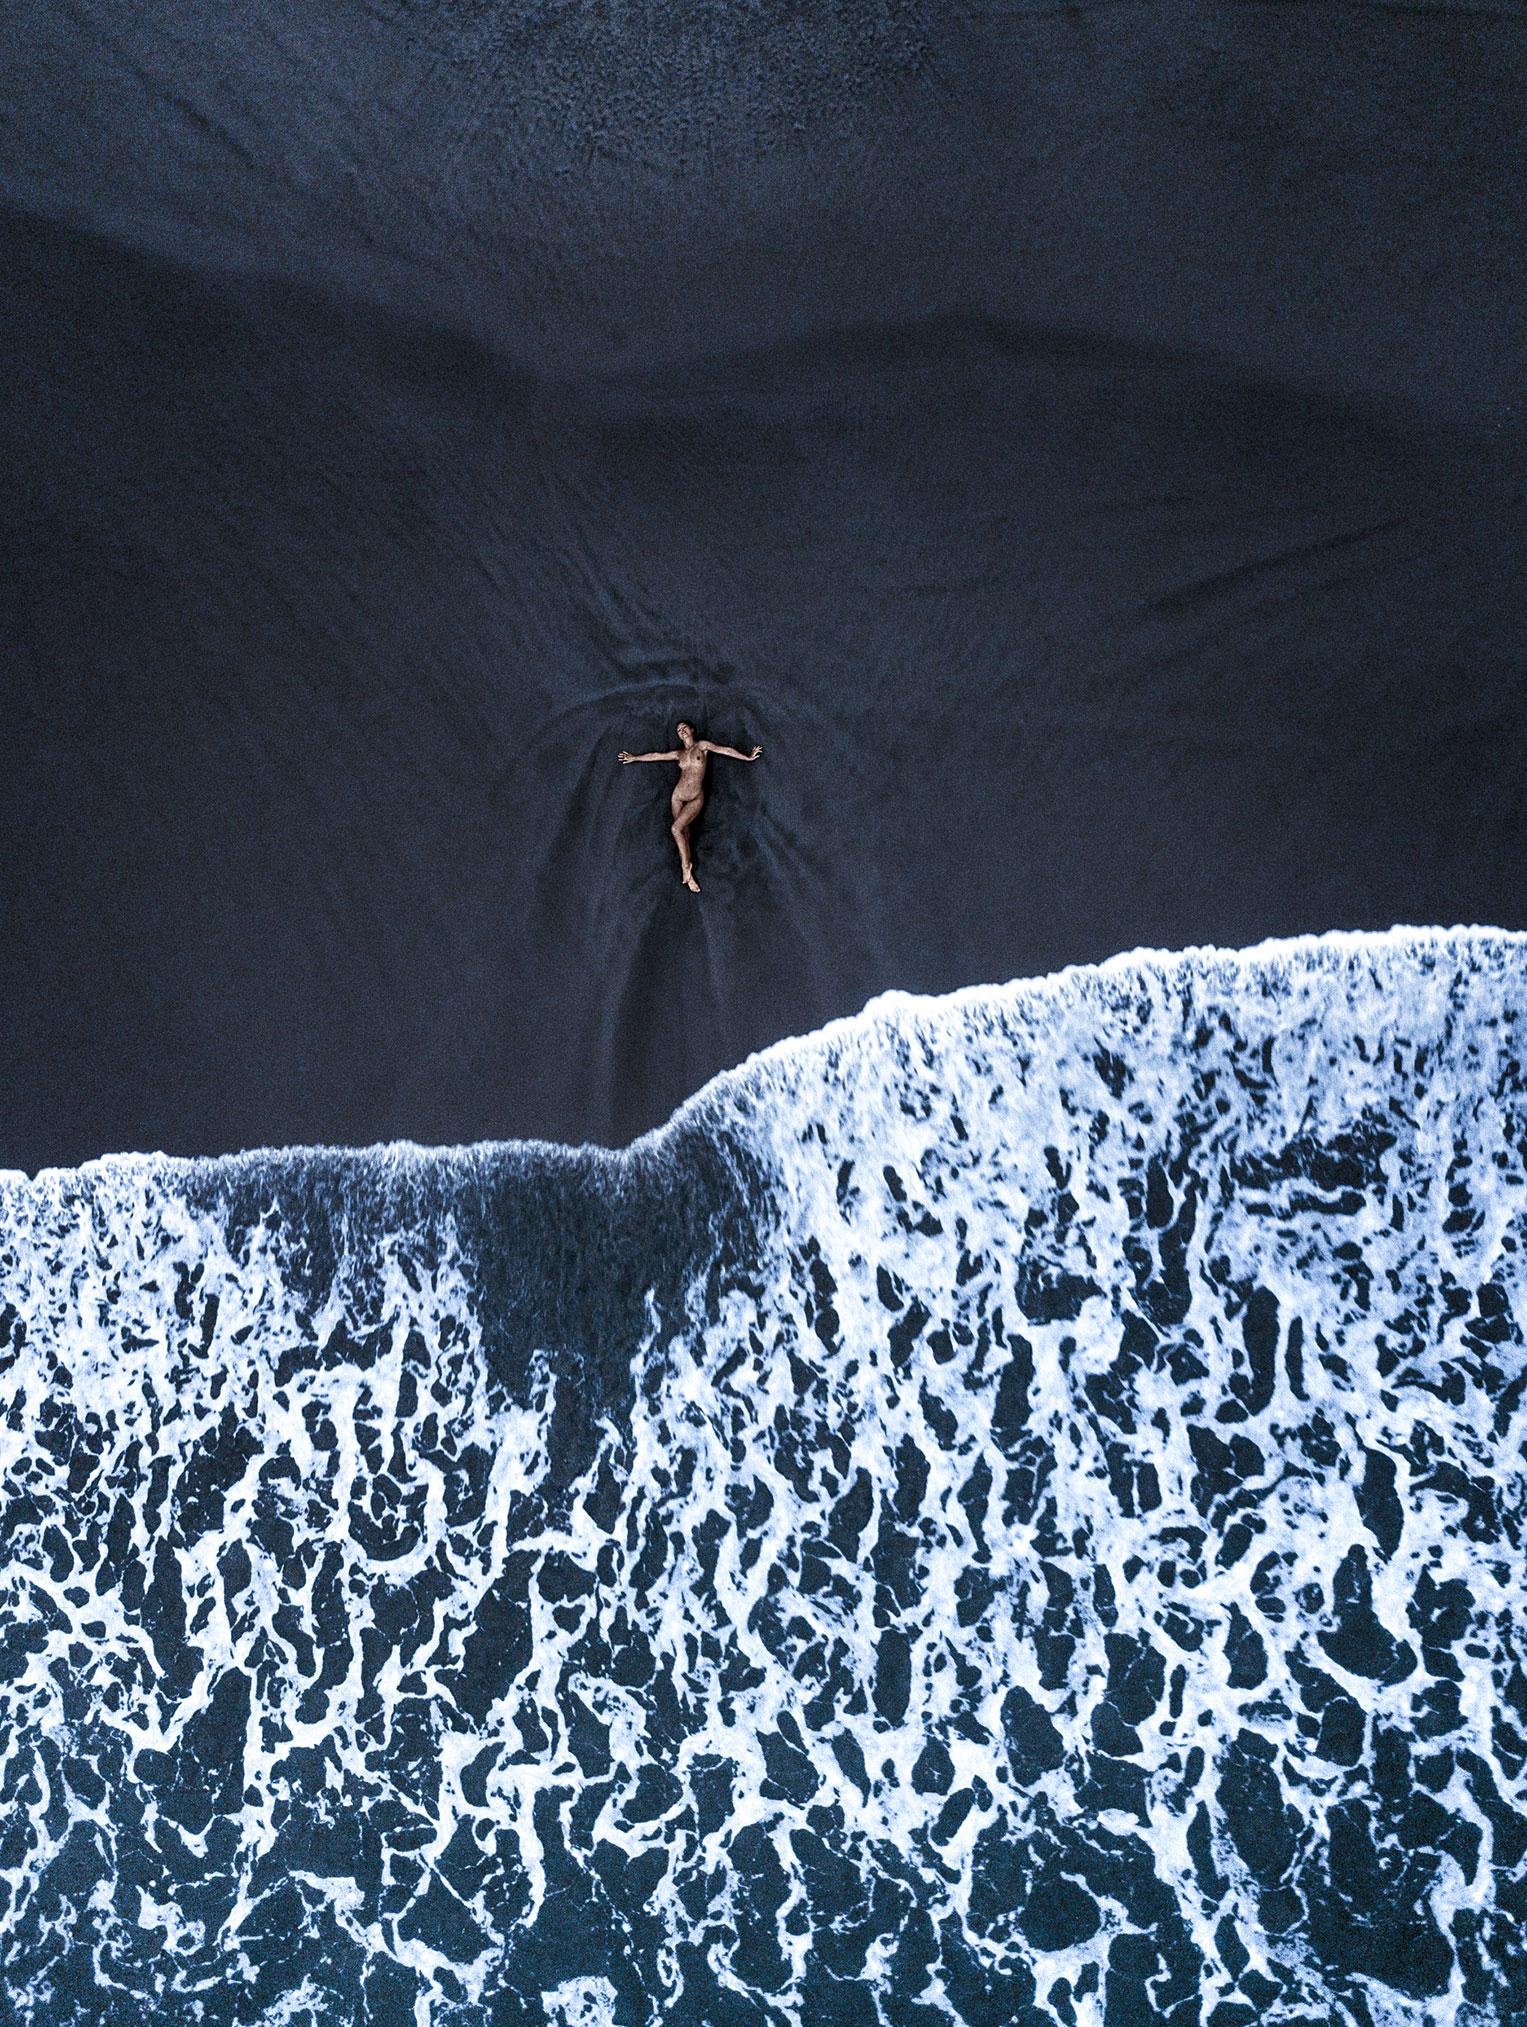 художественная эротика фотографа Бена Хортона / Ben Horton